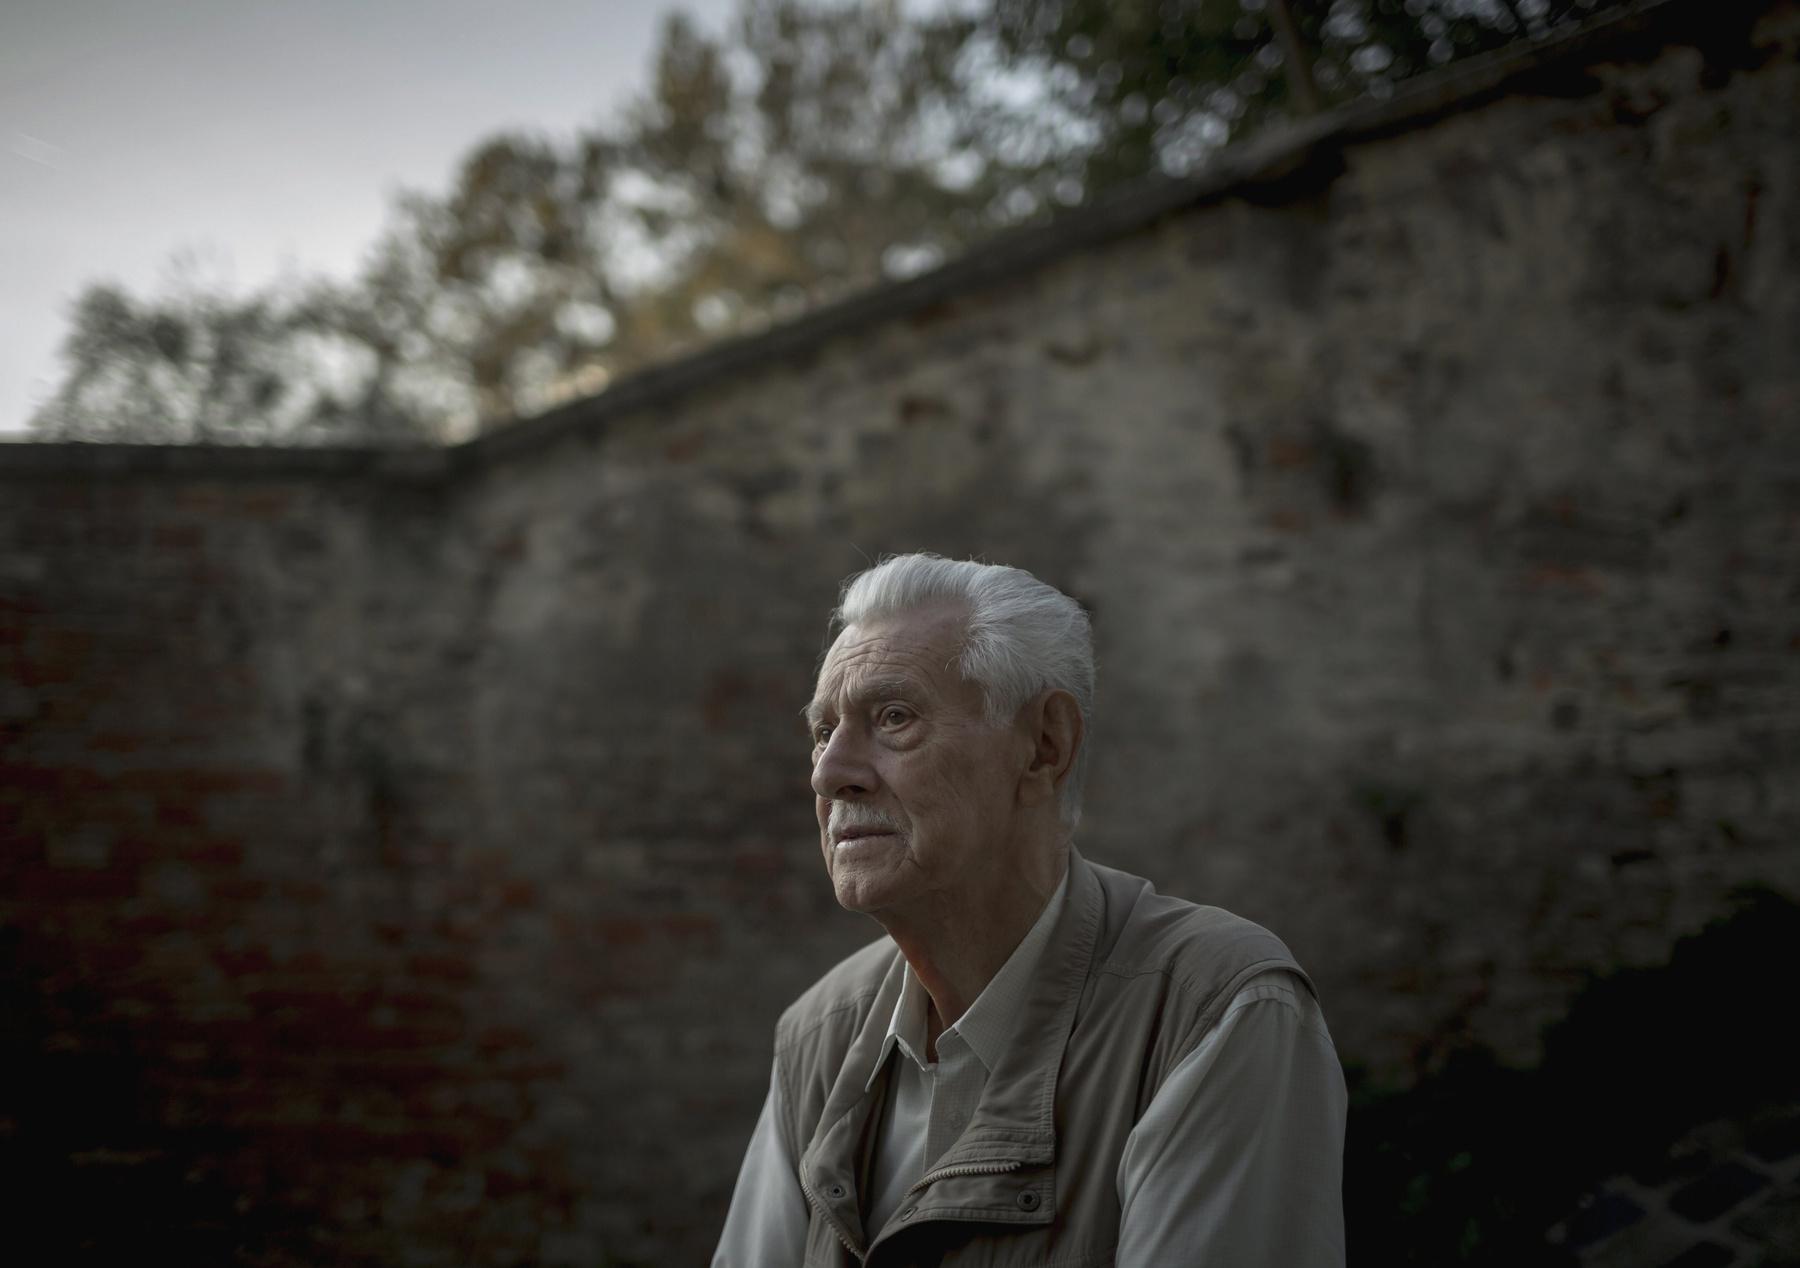 Válóczy István a Kozma utcai Budapesti Fegyház és Börtön egyik cellájában 2016. szeptember 20-án. Az 1956-os eseményeket követően az akkor 24 éves Válóczy Istvánt koholt vádak alapján életfogytiglani börtönbüntetésre ítélték végül 1963-ban amnesztiával szabadult.